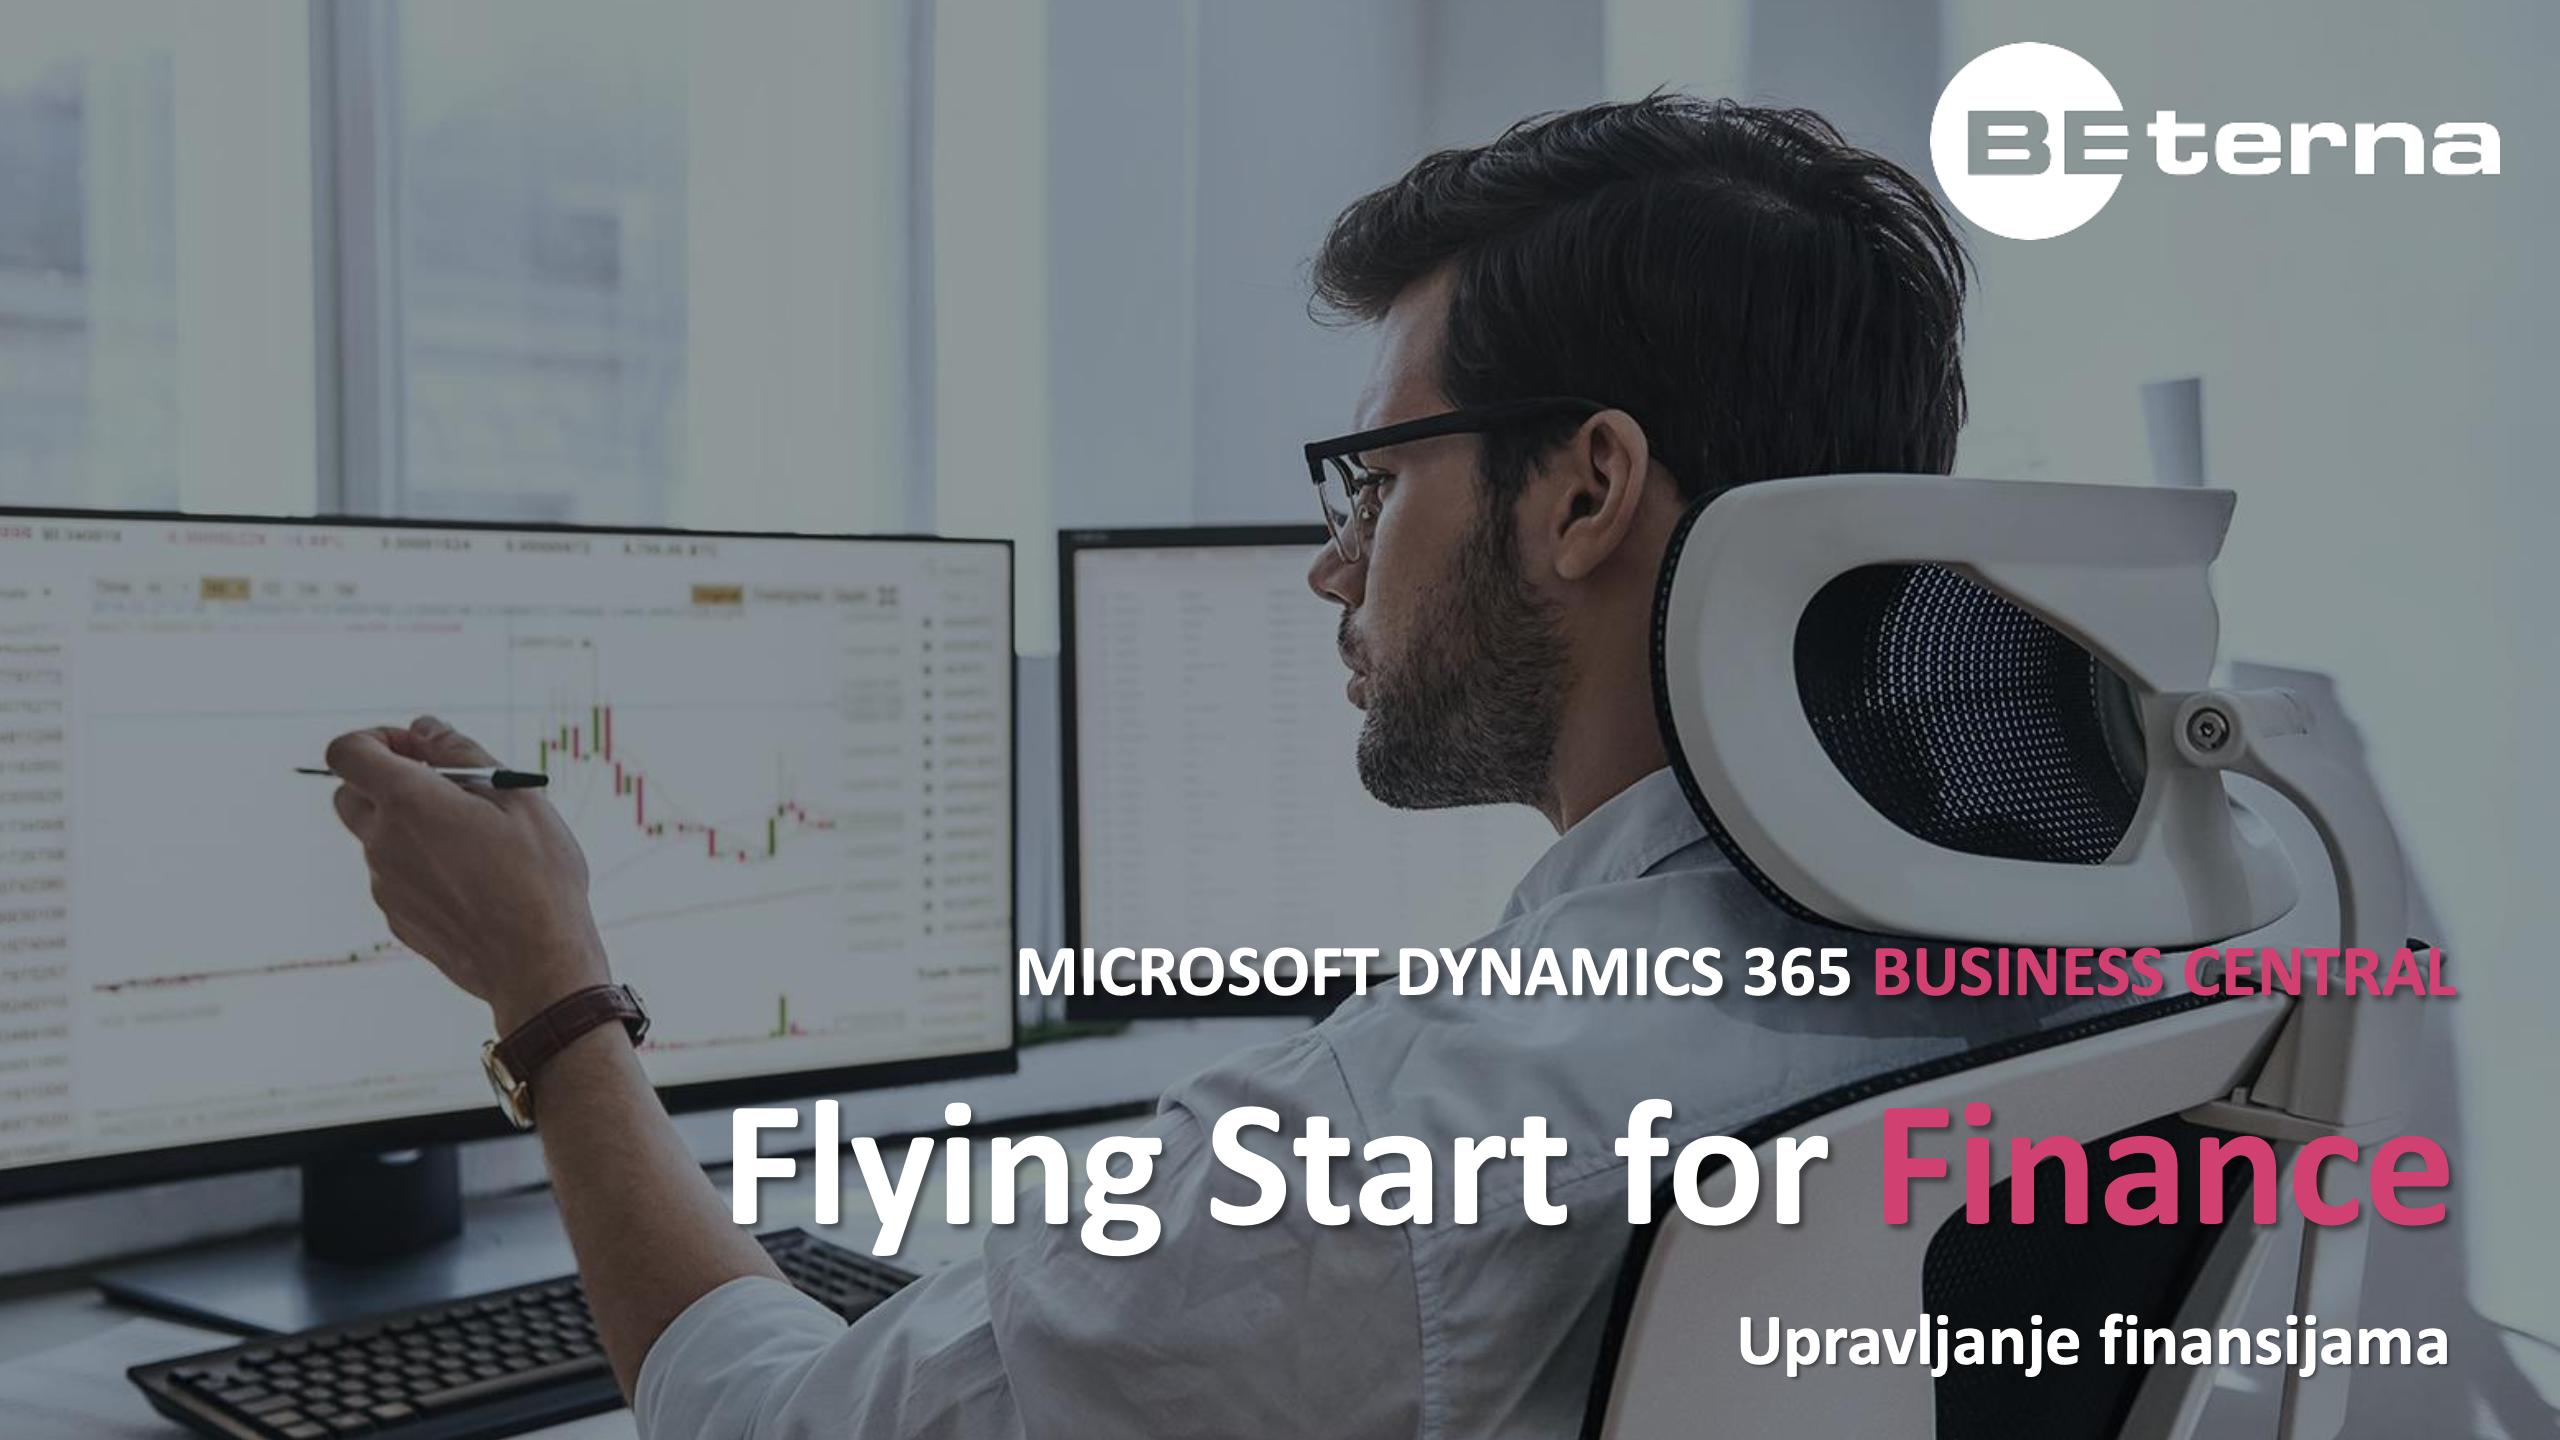 Business Central Flying Start for Finance